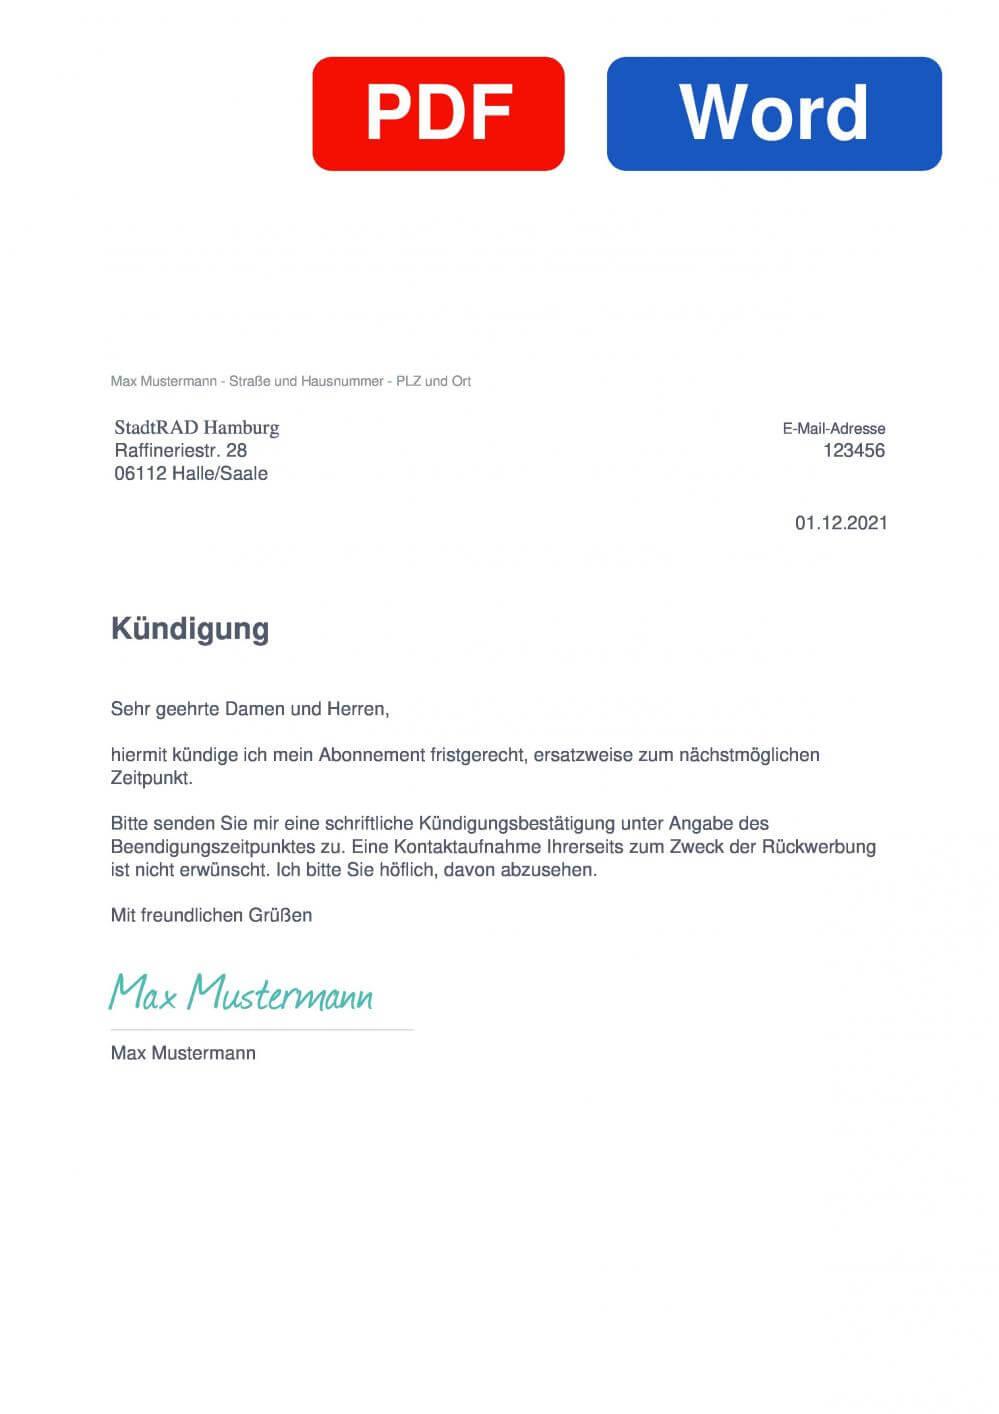 Stadtrad Hamburg Muster Vorlage für Kündigungsschreiben